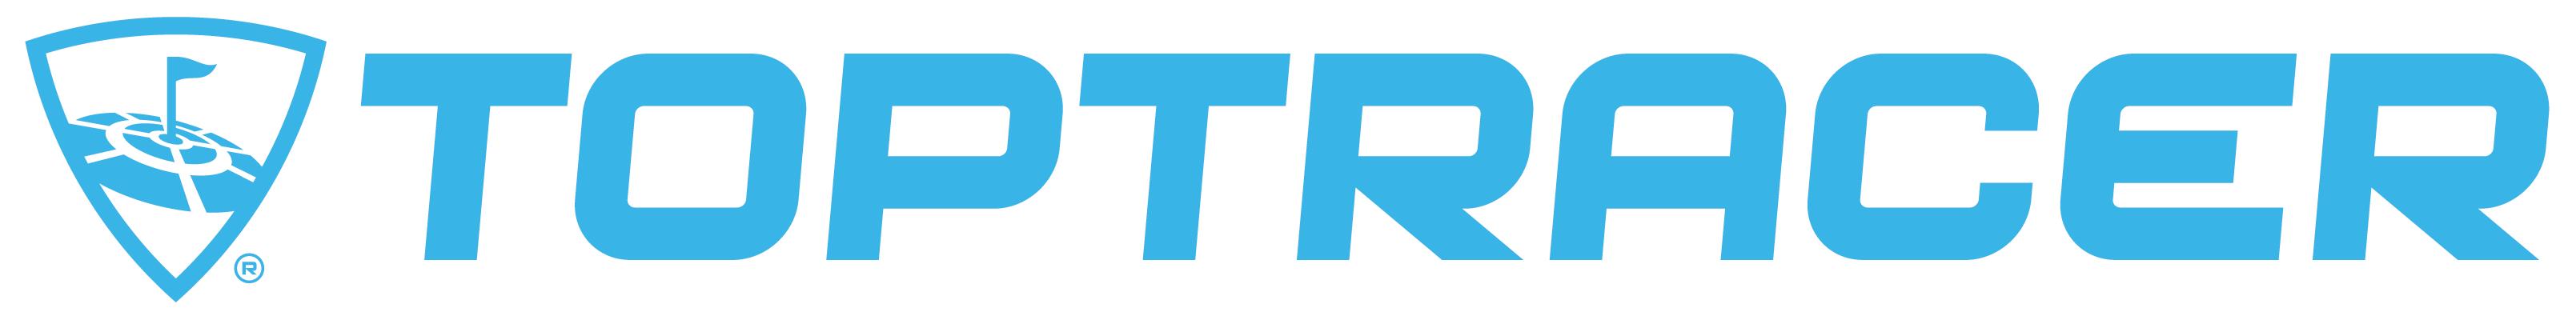 logo-toptracer